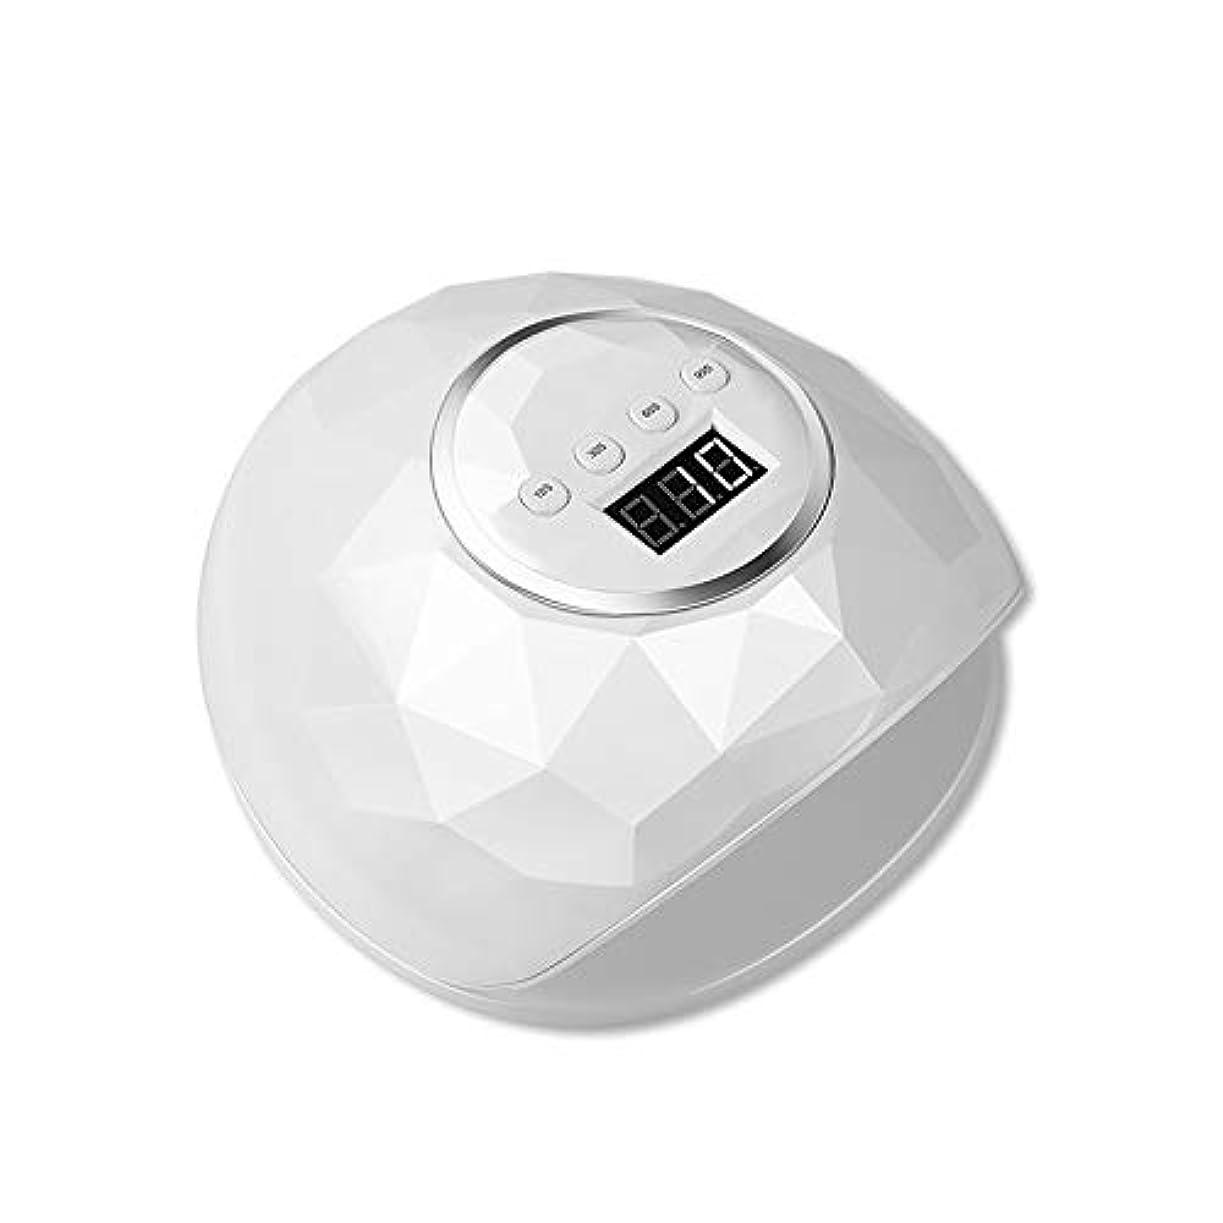 汚い拒否スプーンゲルネイルドライヤーwith4タイマー用86W LED UVネイルランプ